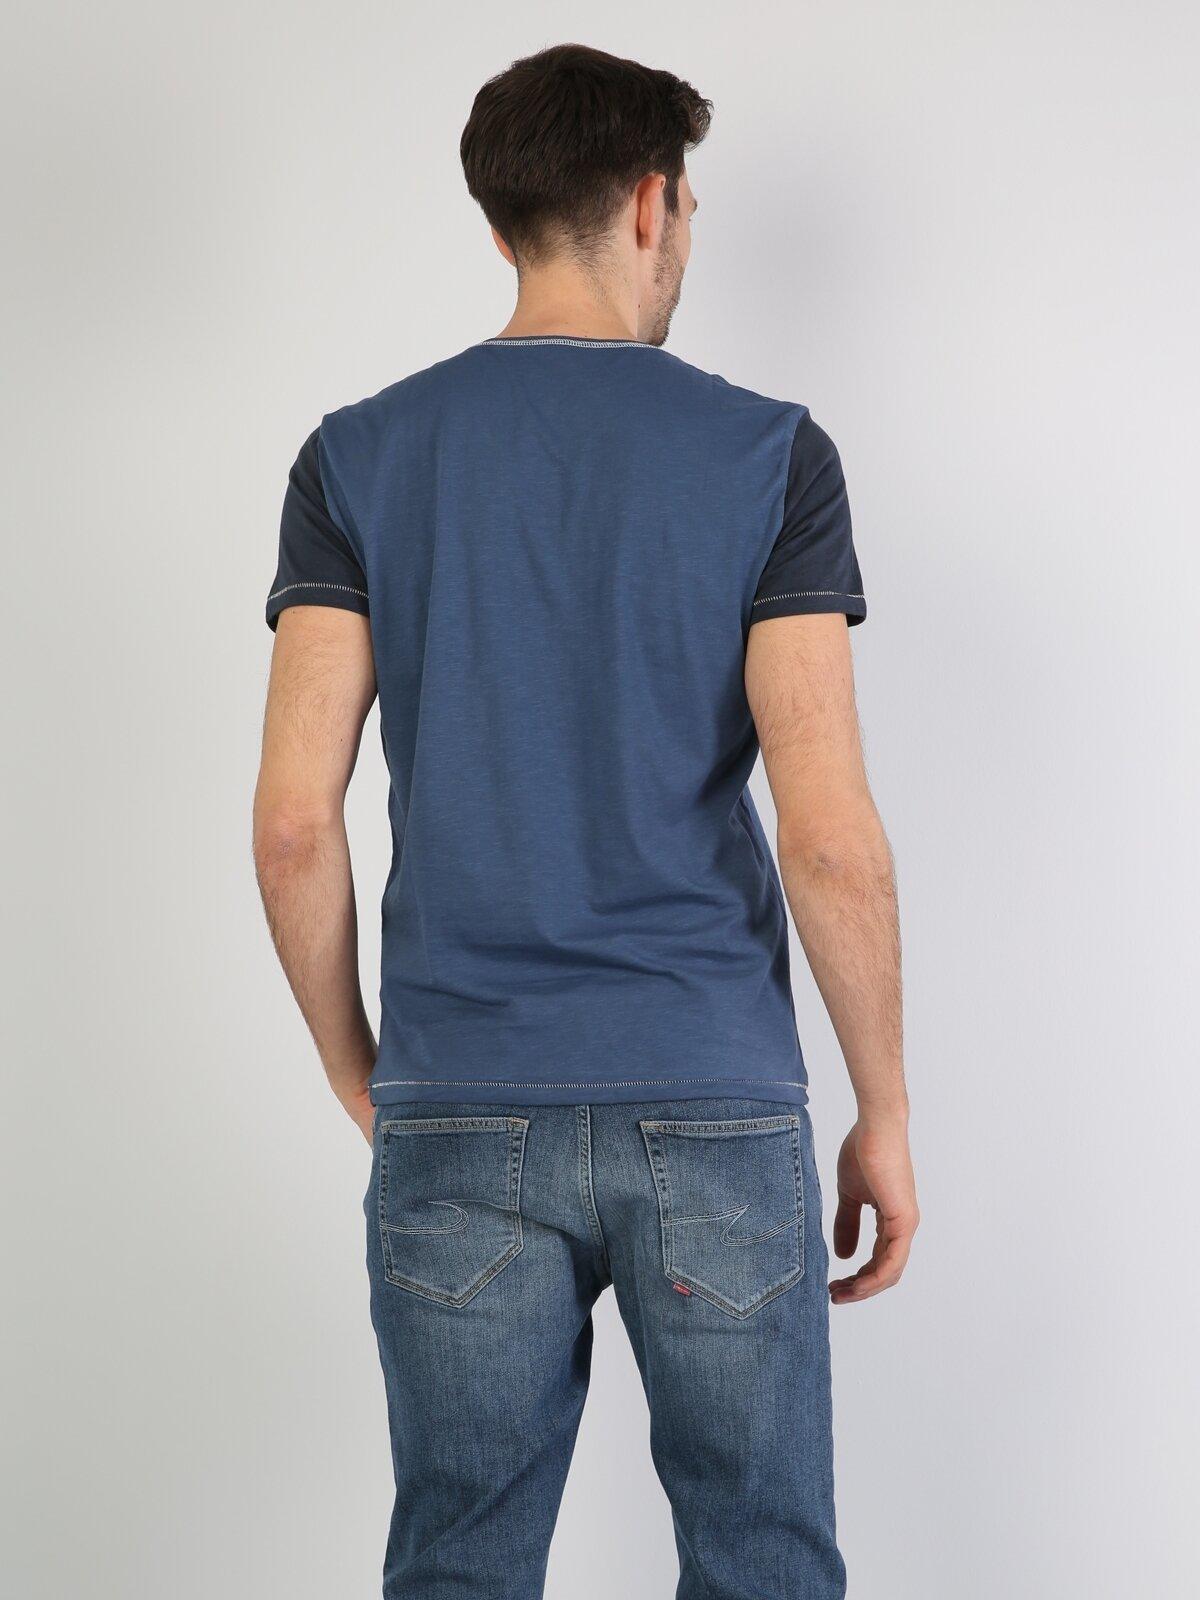 İndigo Yuvarlak Yaka Erkek Kısa Kol Tişört